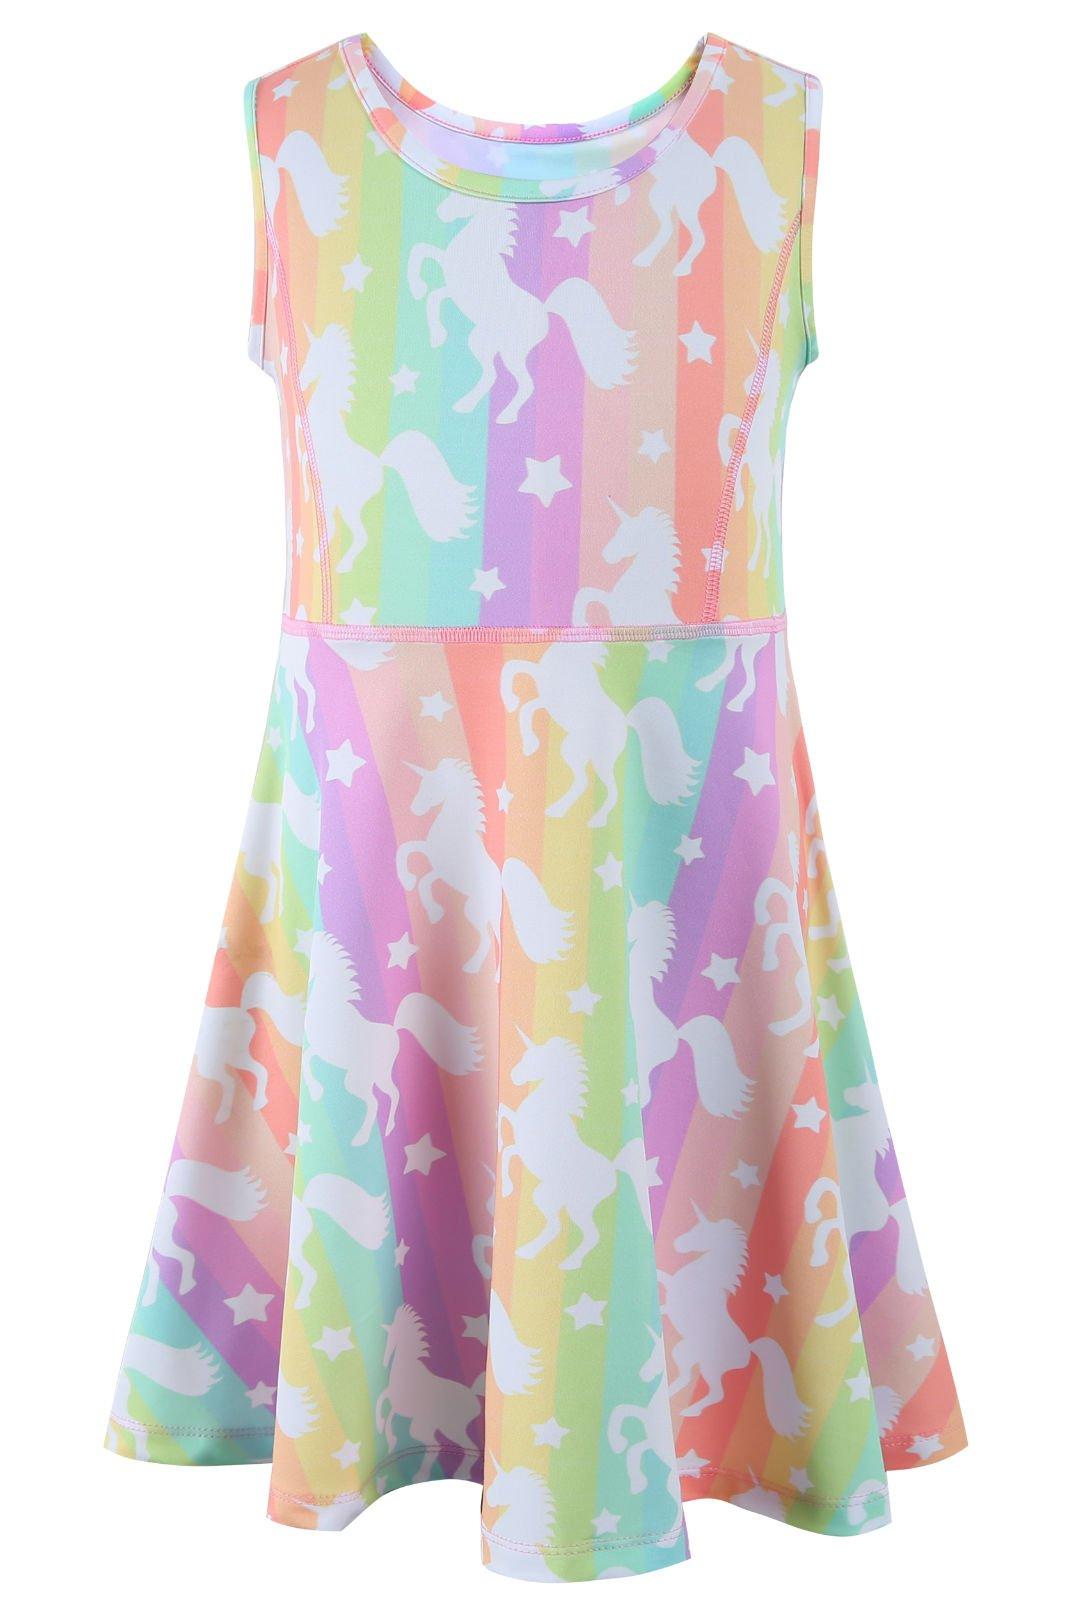 Liliane Girls Skater Dress Girls Dresses Short Sleeve Girls Dresses 7-16 (A005,8-9Y)